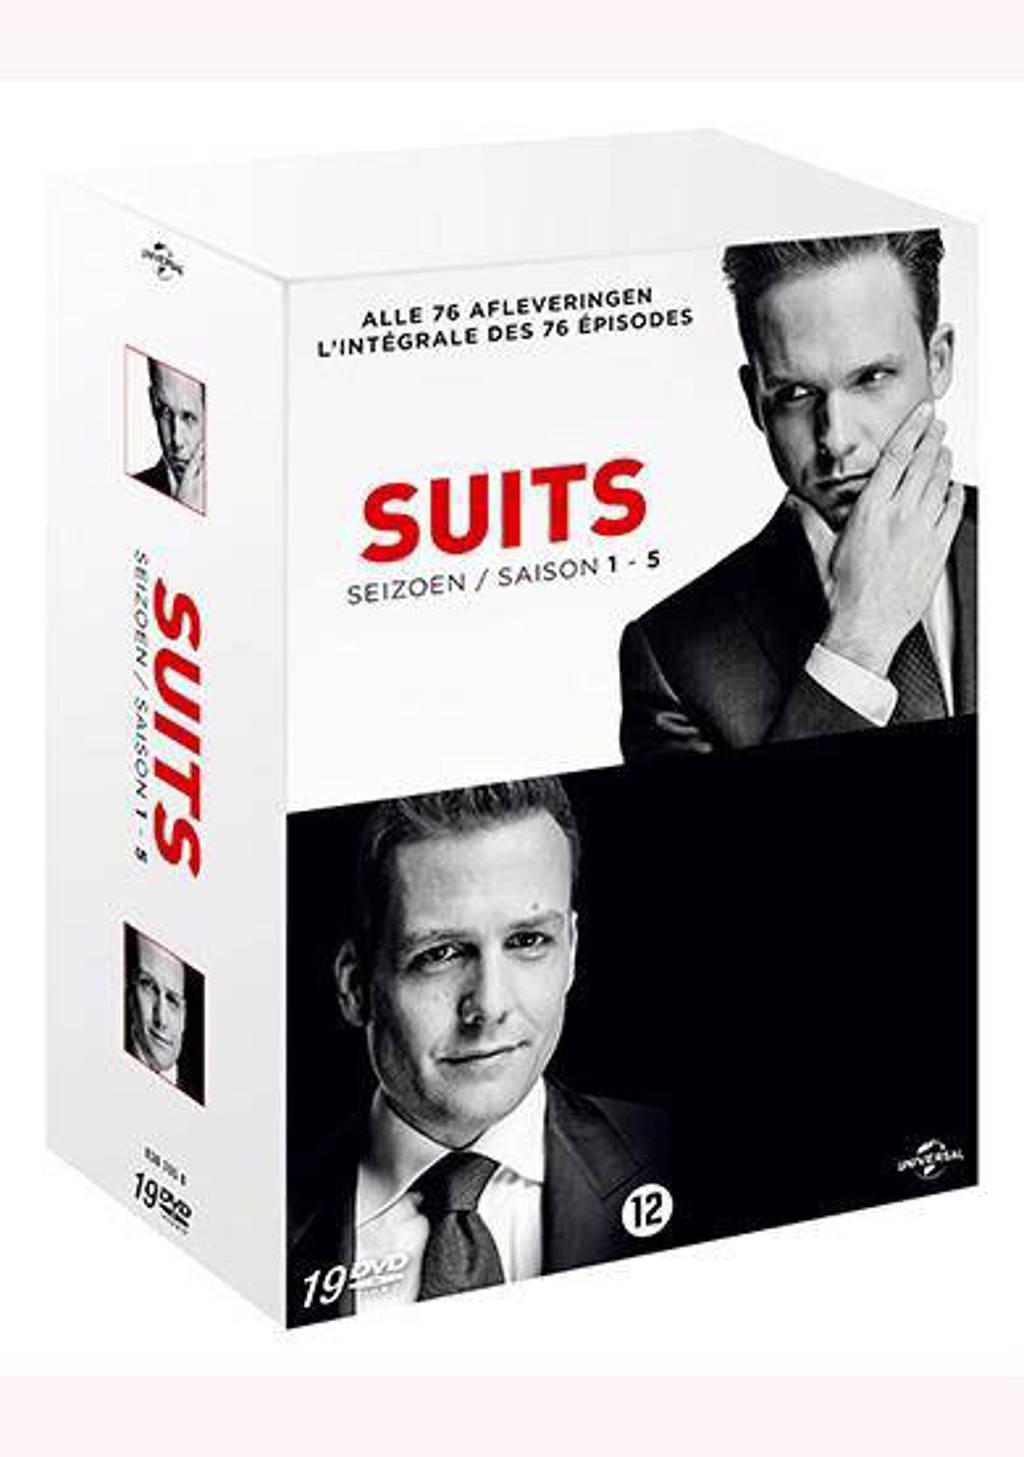 Suits - Seizoen 1-5 (DVD)